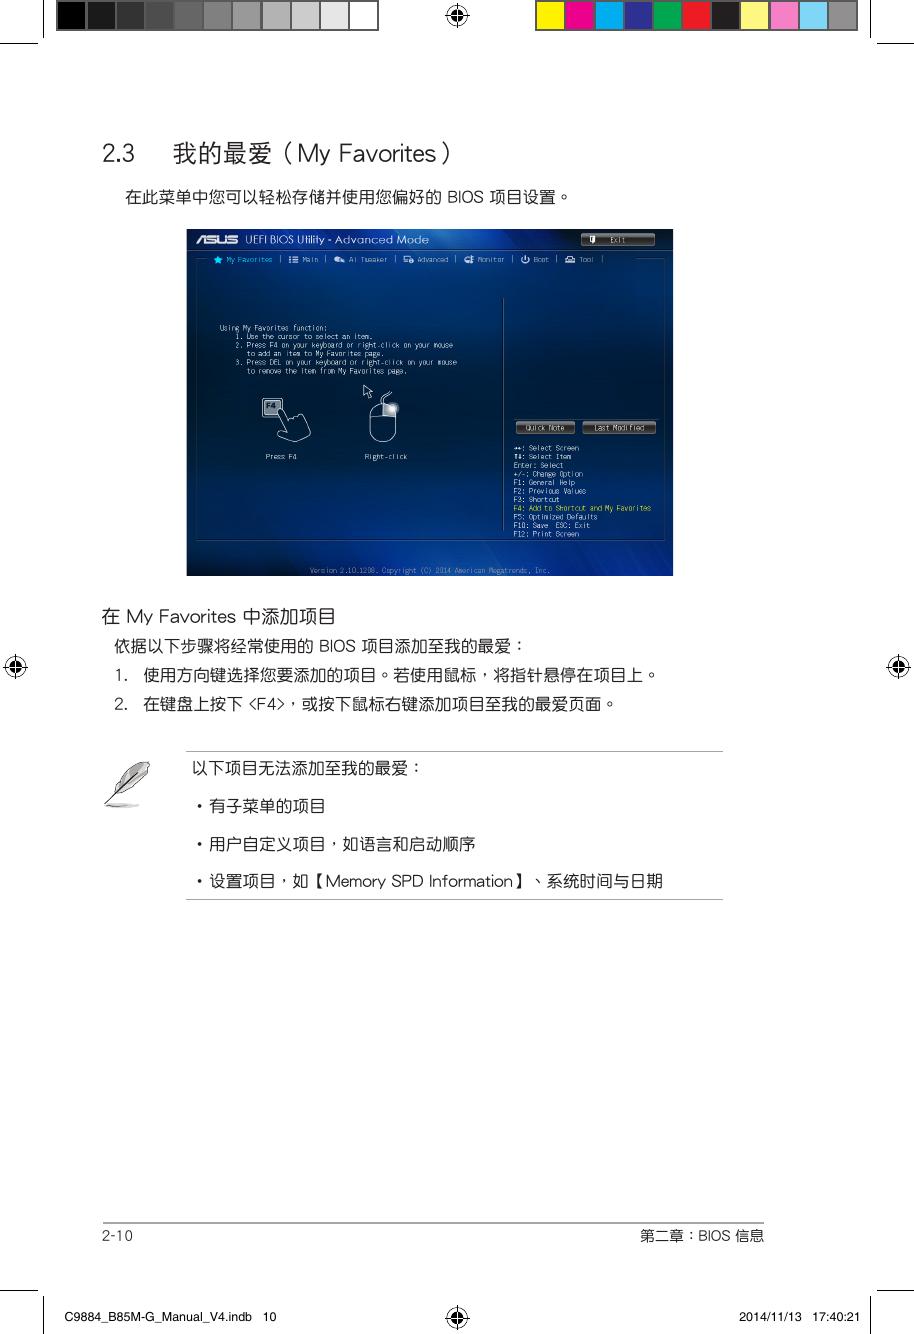 Asus B85M G C9884 Users Manual